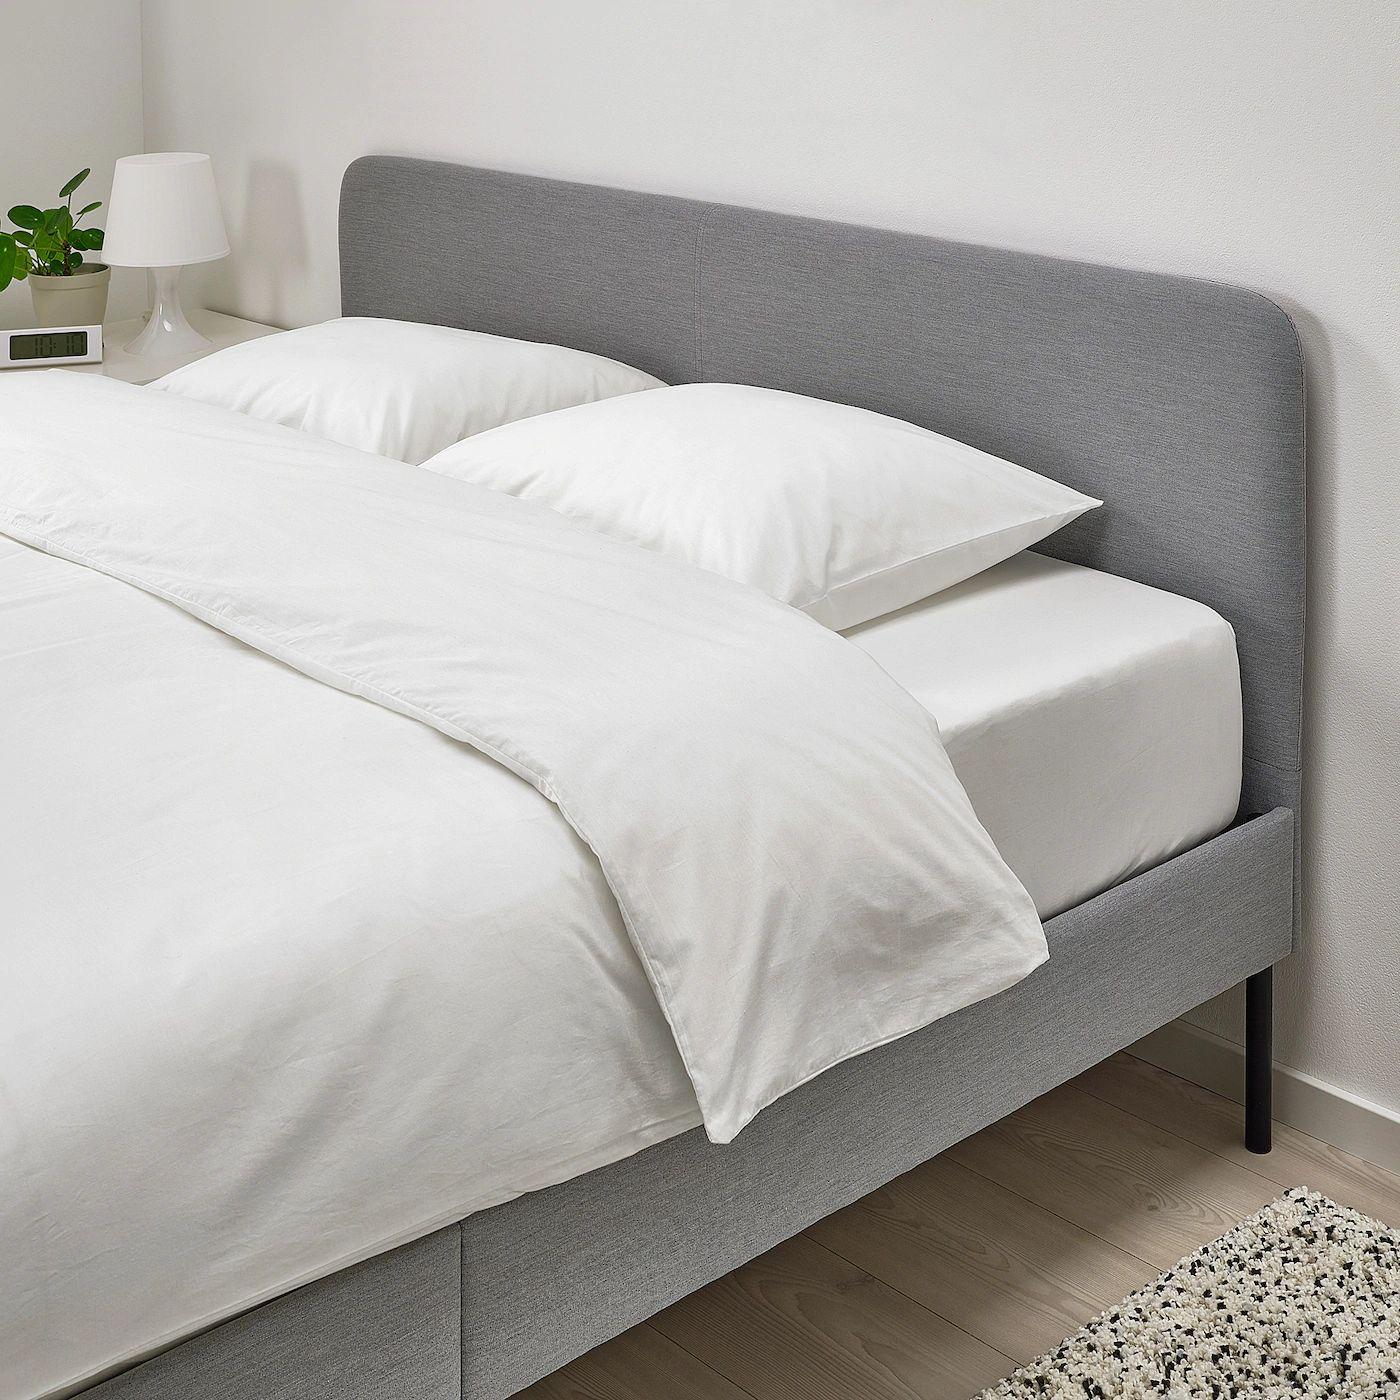 Lit Slattum - 140x200cm, Cadre de lit matelassé, gris clair